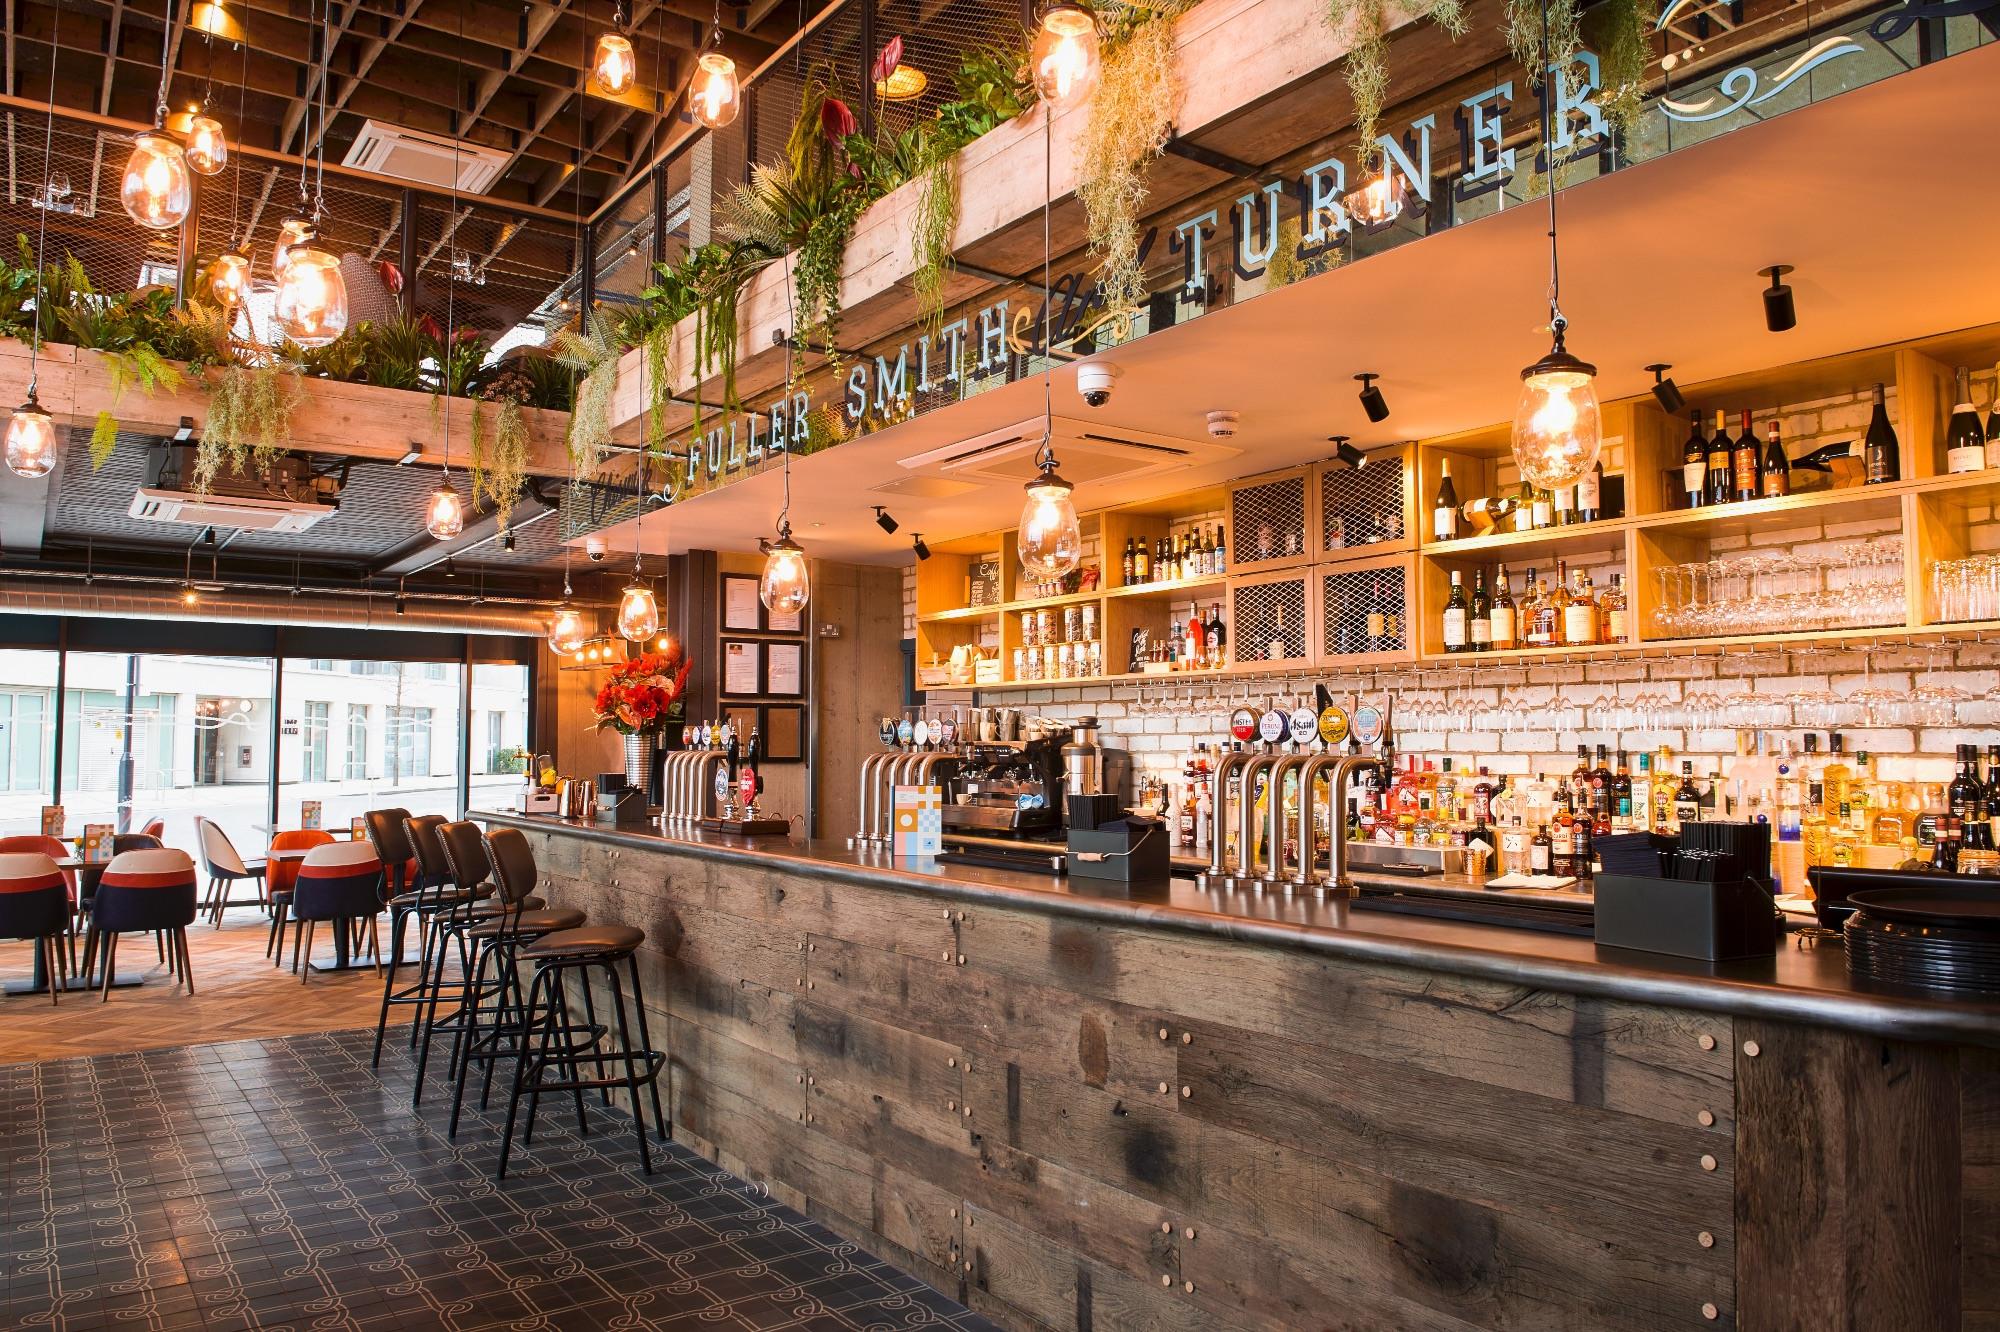 Interior of Windjammer pub in Silvertown